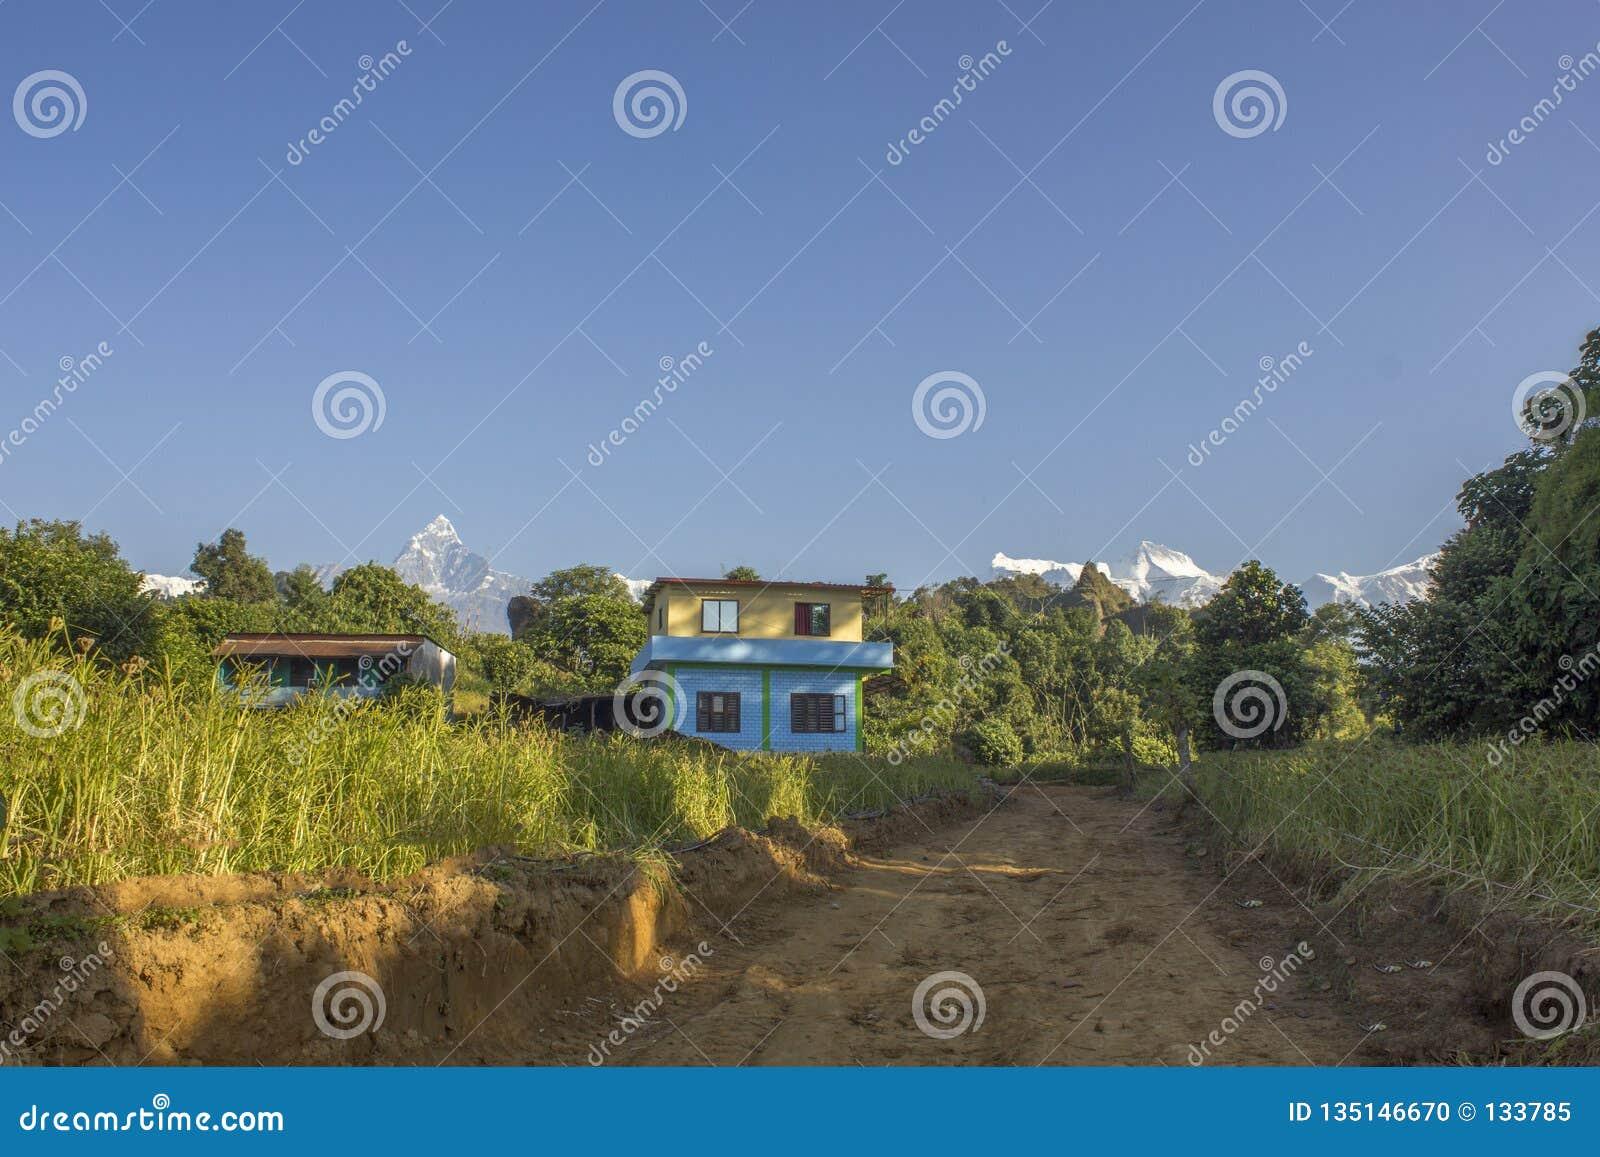 2 небольшого дома в сельской местности в зеленых полях риса против предпосылки леса и снег-покрытых гор и ясной сини